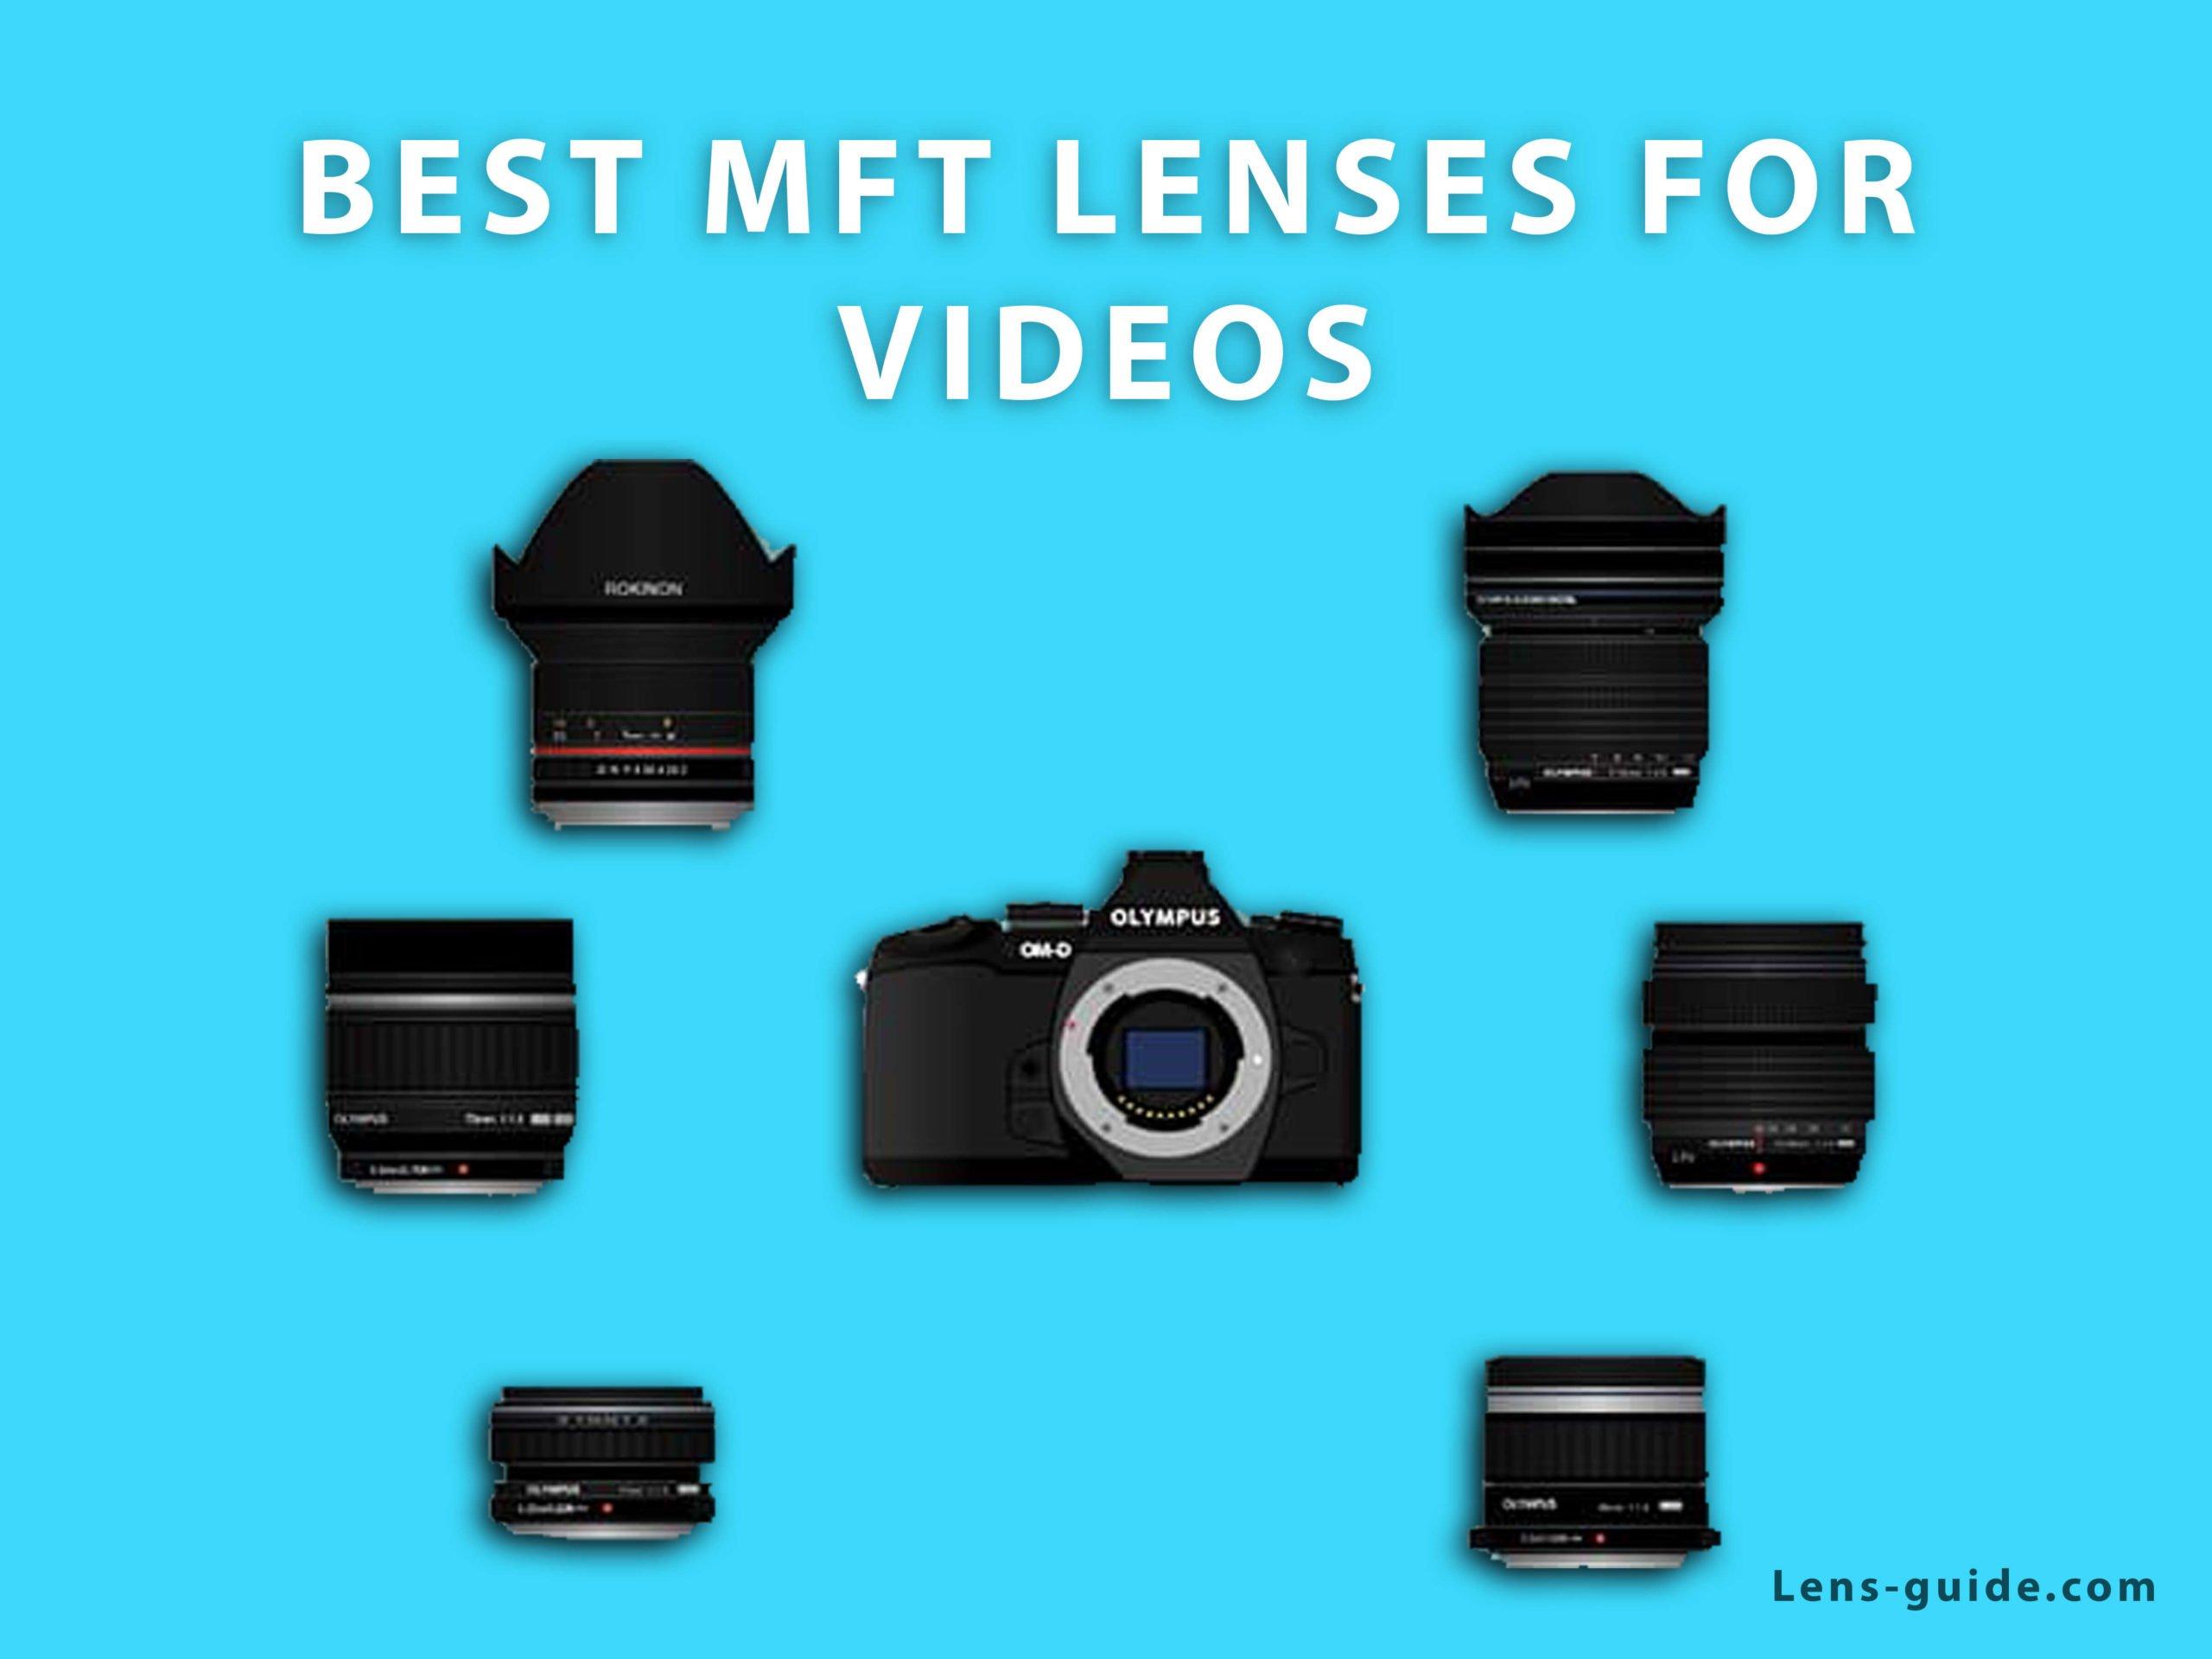 Best-MFT-Lenses-For-Video